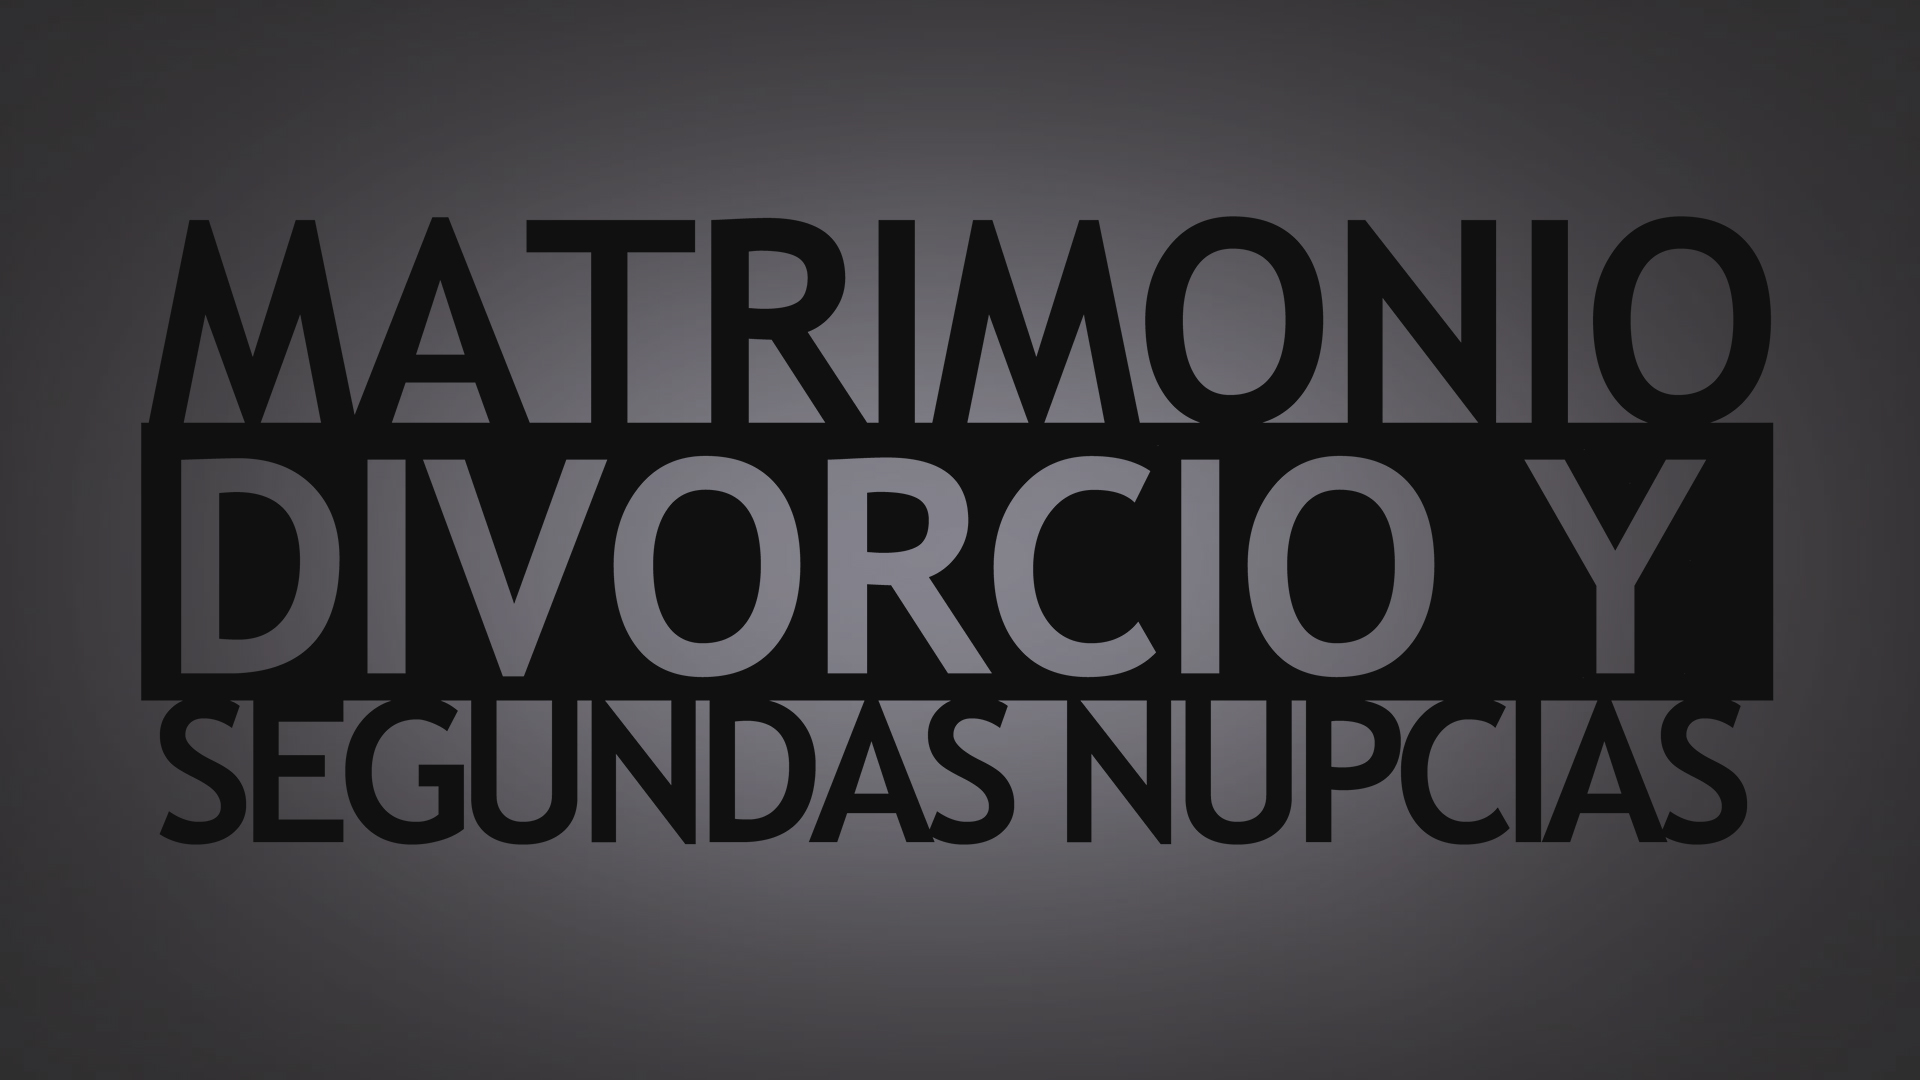 Matrimonio, Divorcio, y Segundas Nupcias (Marriage, Divorce, & Remarriage) - Spanish Version